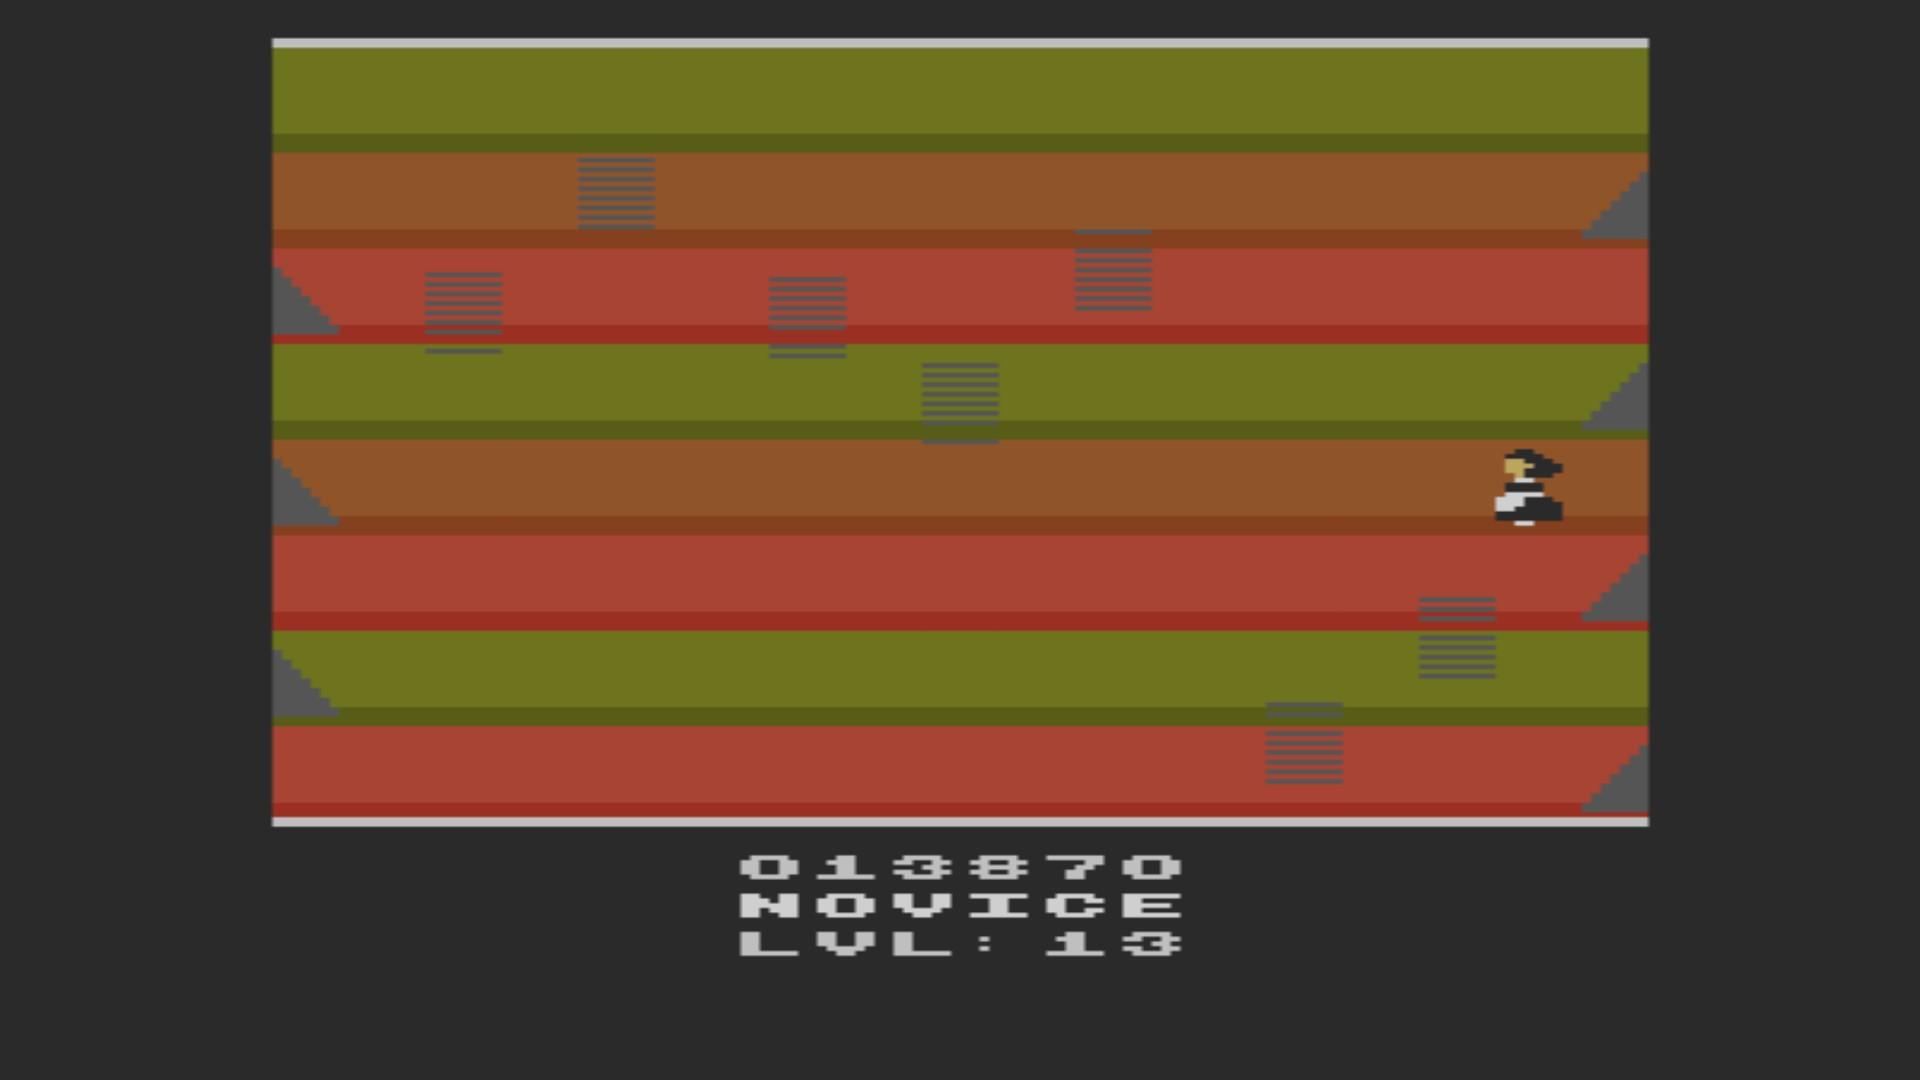 AkinNahtanoj: Elevators Amiss (Atari 2600 Emulated Novice/B Mode) 13,870 points on 2020-10-28 15:20:08